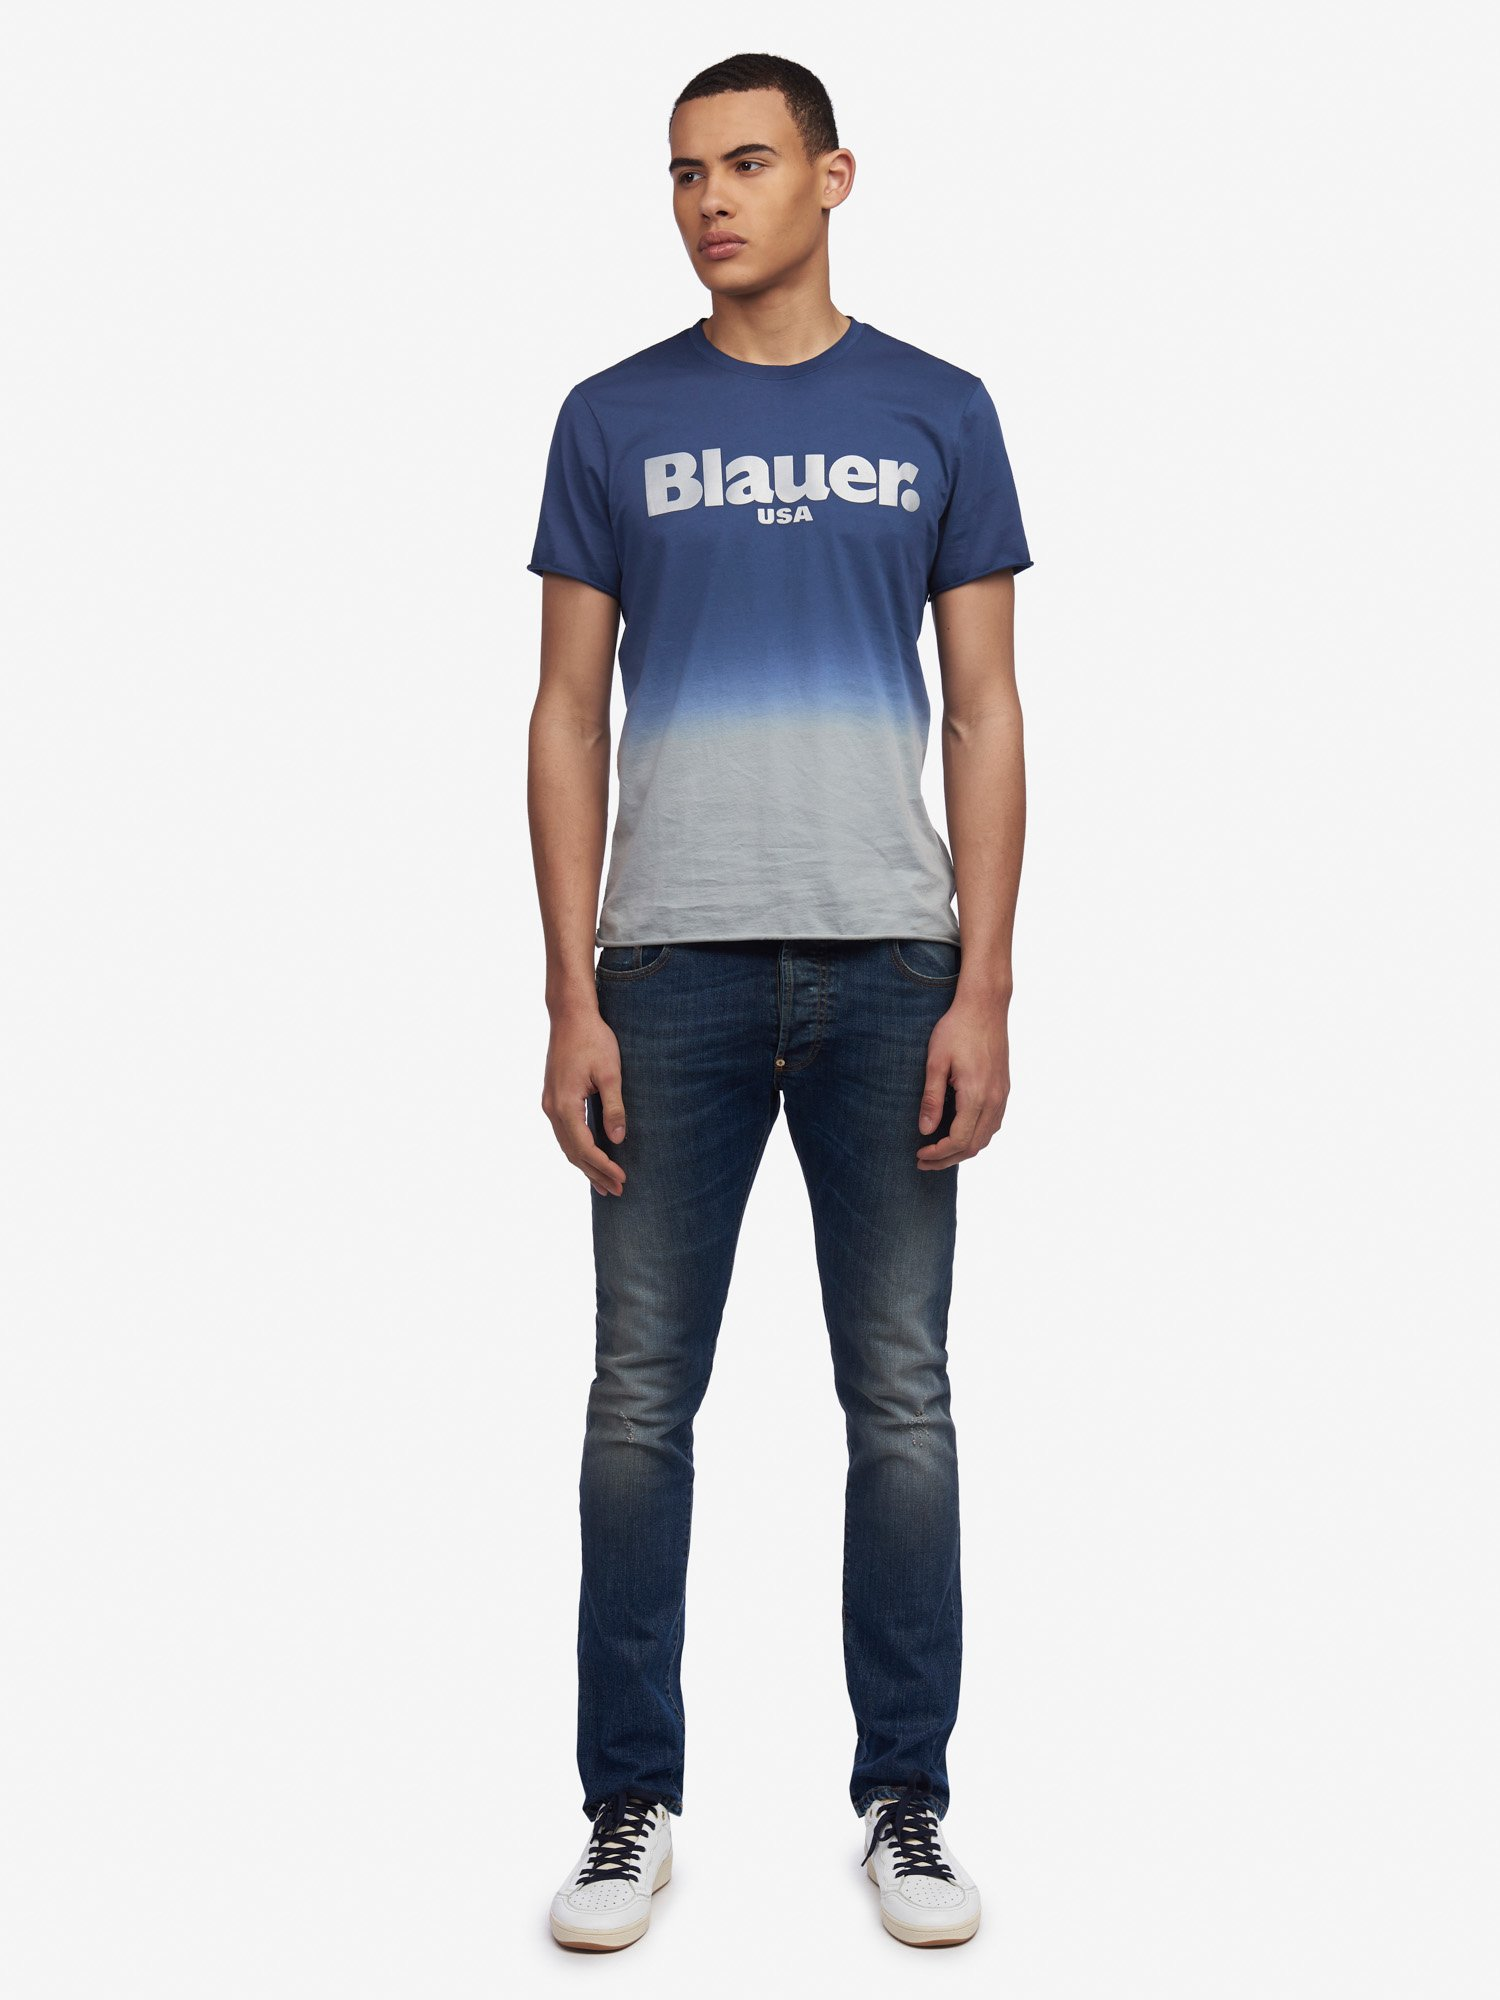 eda12f75dda5 T-shirt Uomo in stile Blauer ® - Acquista Online